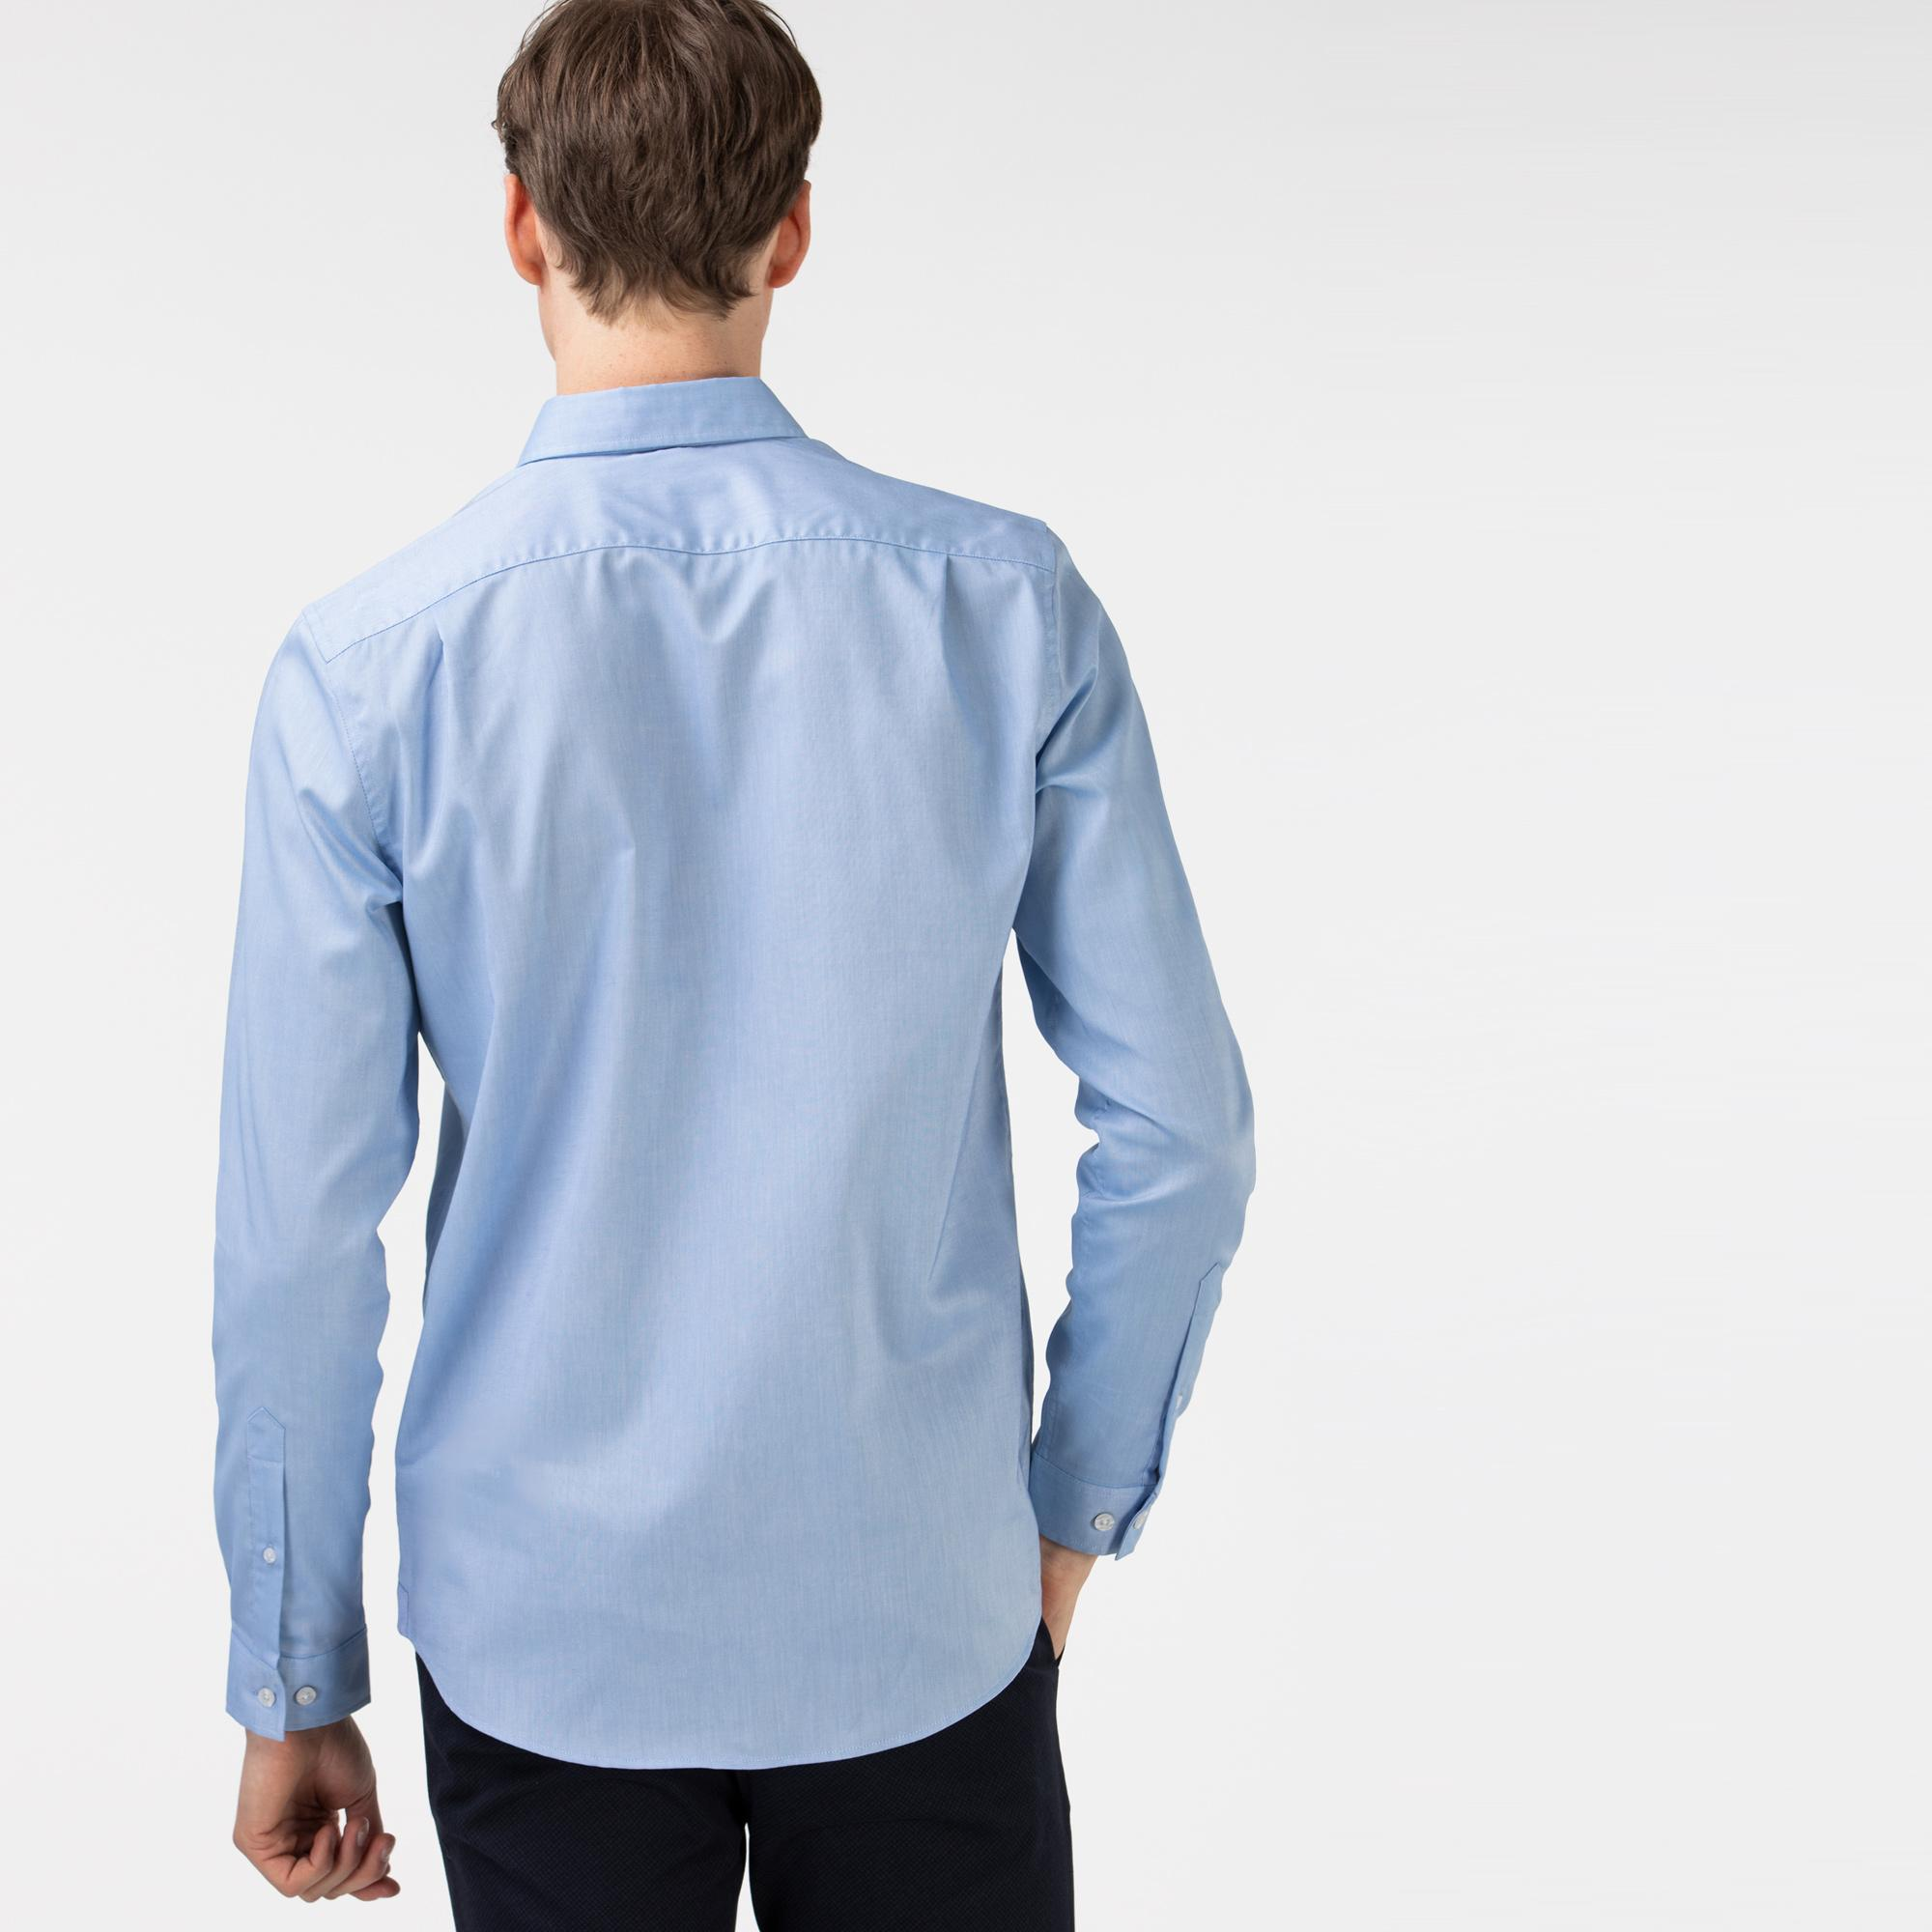 Lacoste Męska koszula Regular Fit z bawełny Oxford